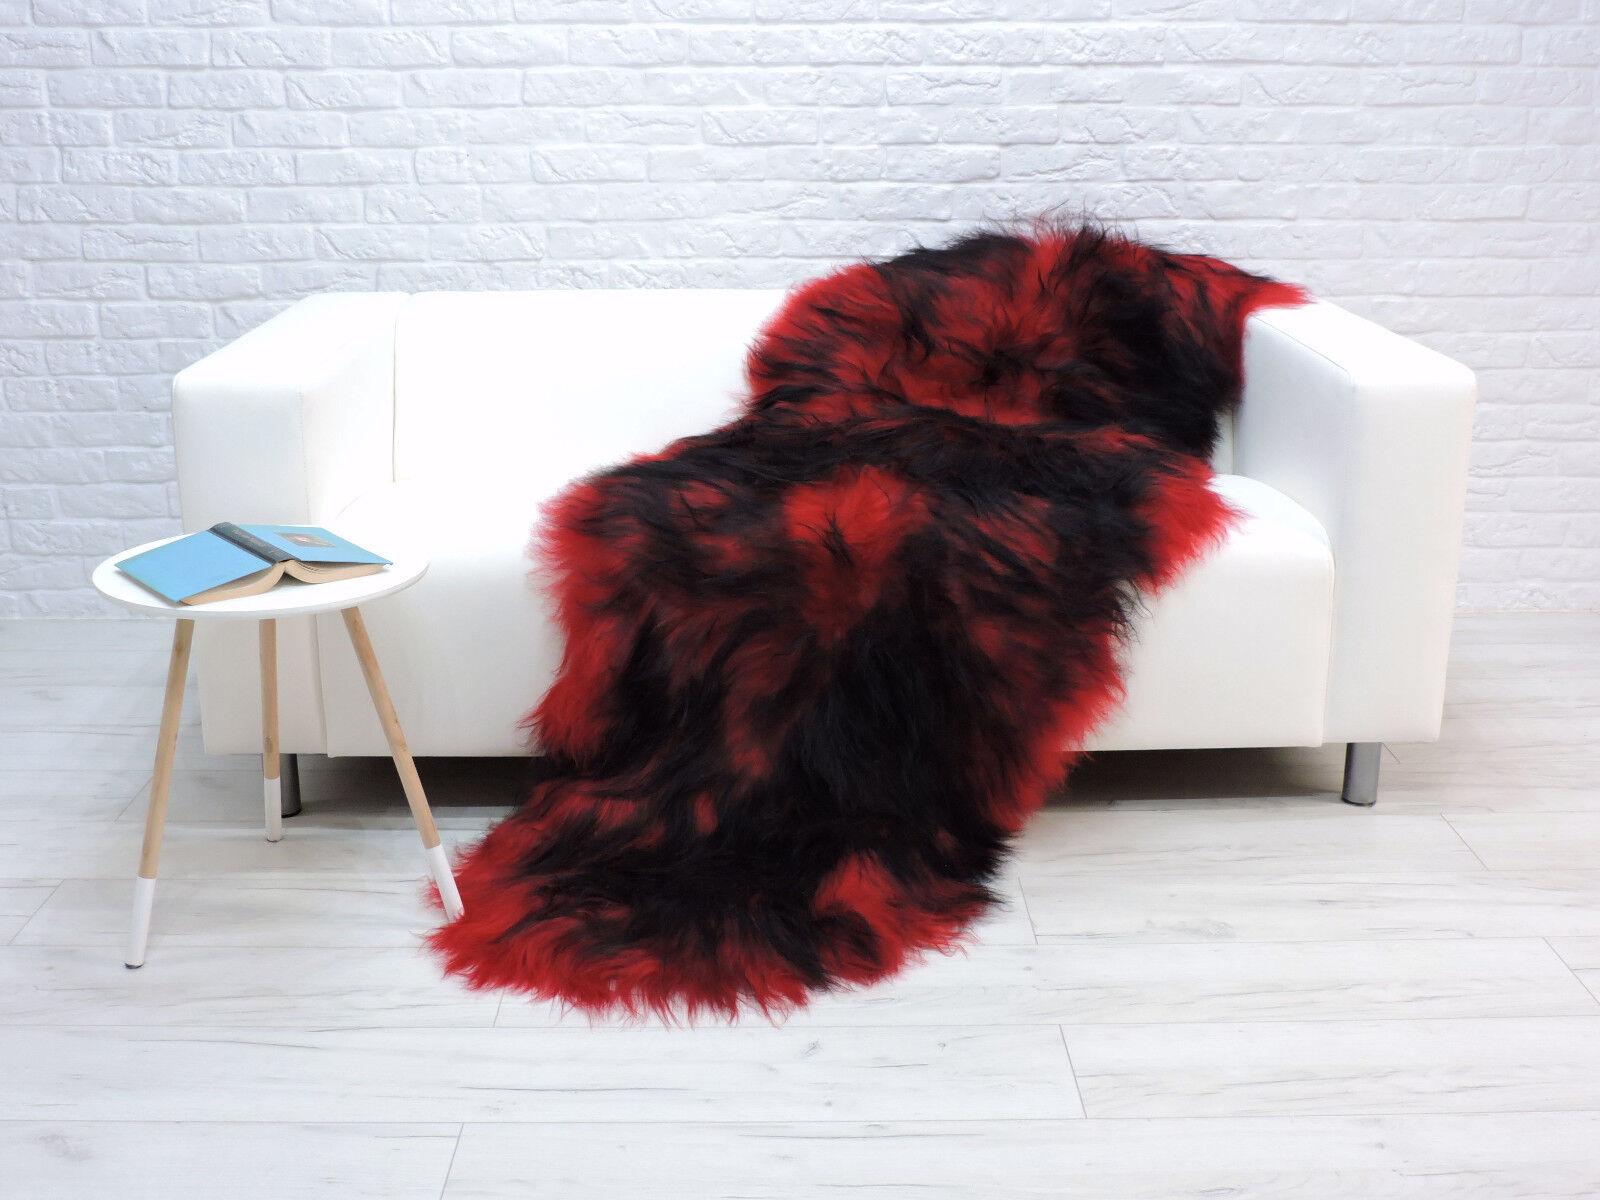 Belle Véritable Véritable Véritable Islandais Double Peau De Mouton Tapis Rouge teint noir Couleur-dépression récurrente Brève | Pour Votre Sélection  529b56